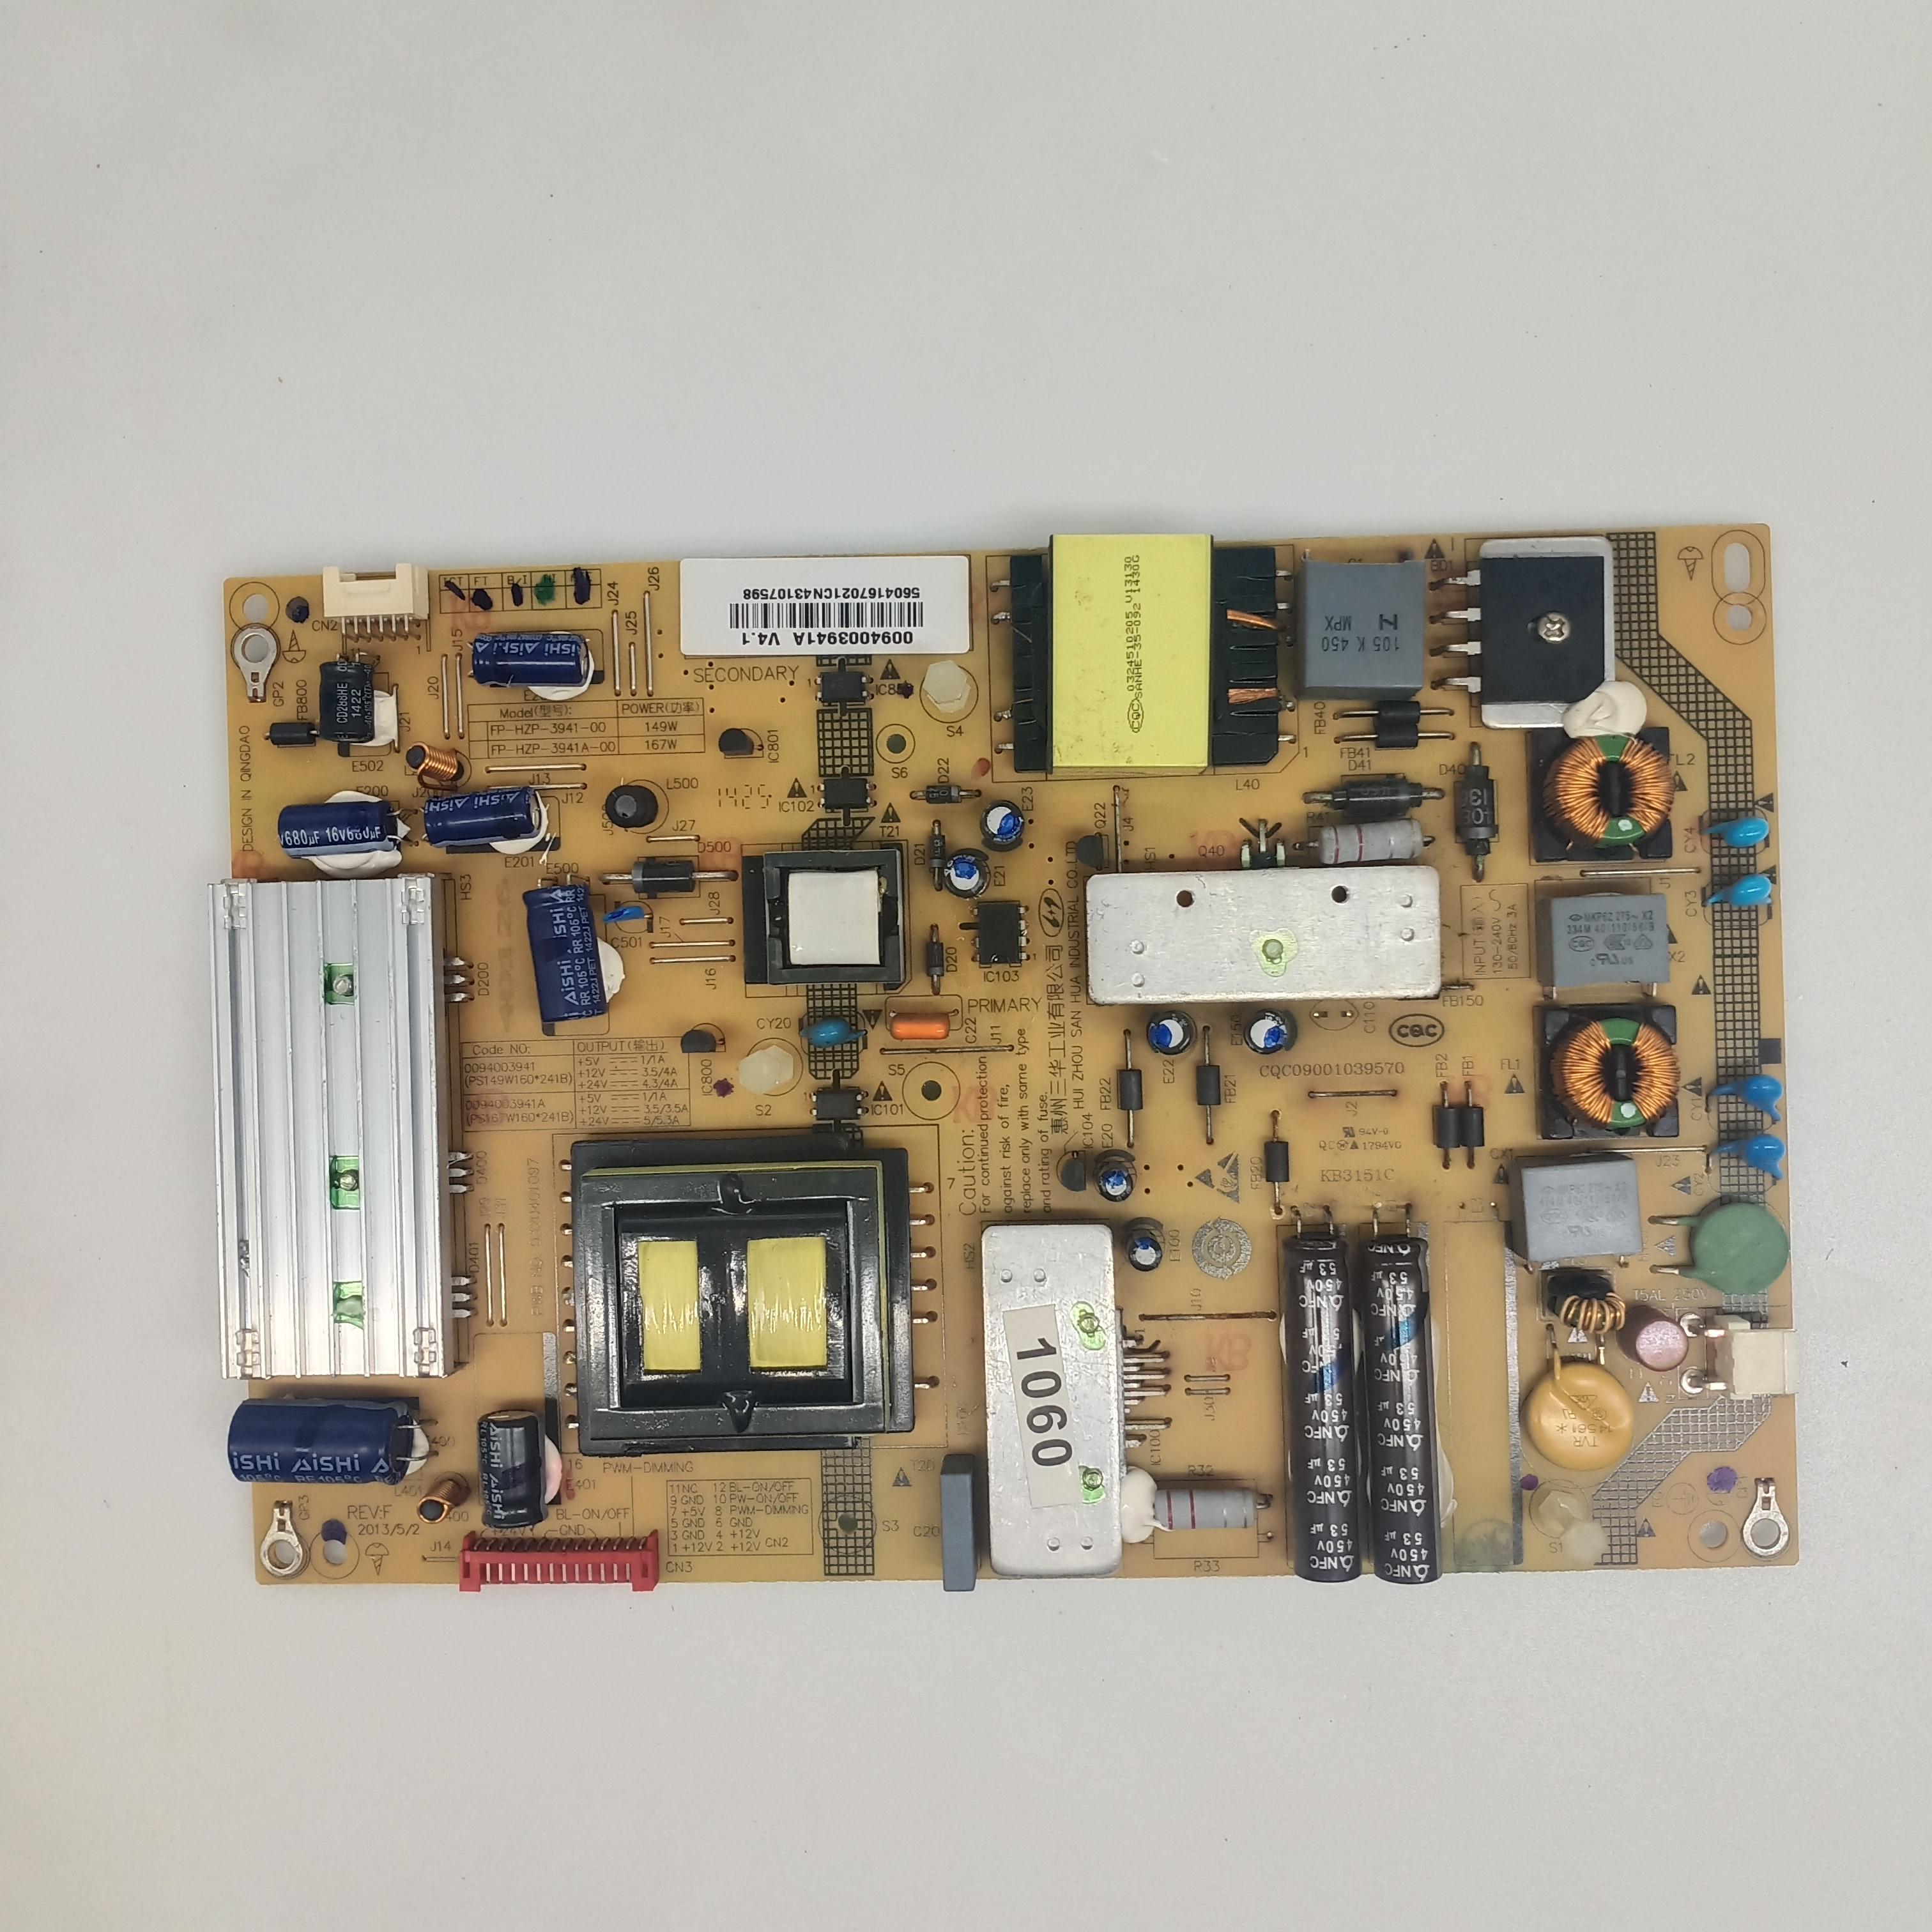 海尔lu55h7300液晶电视电源板